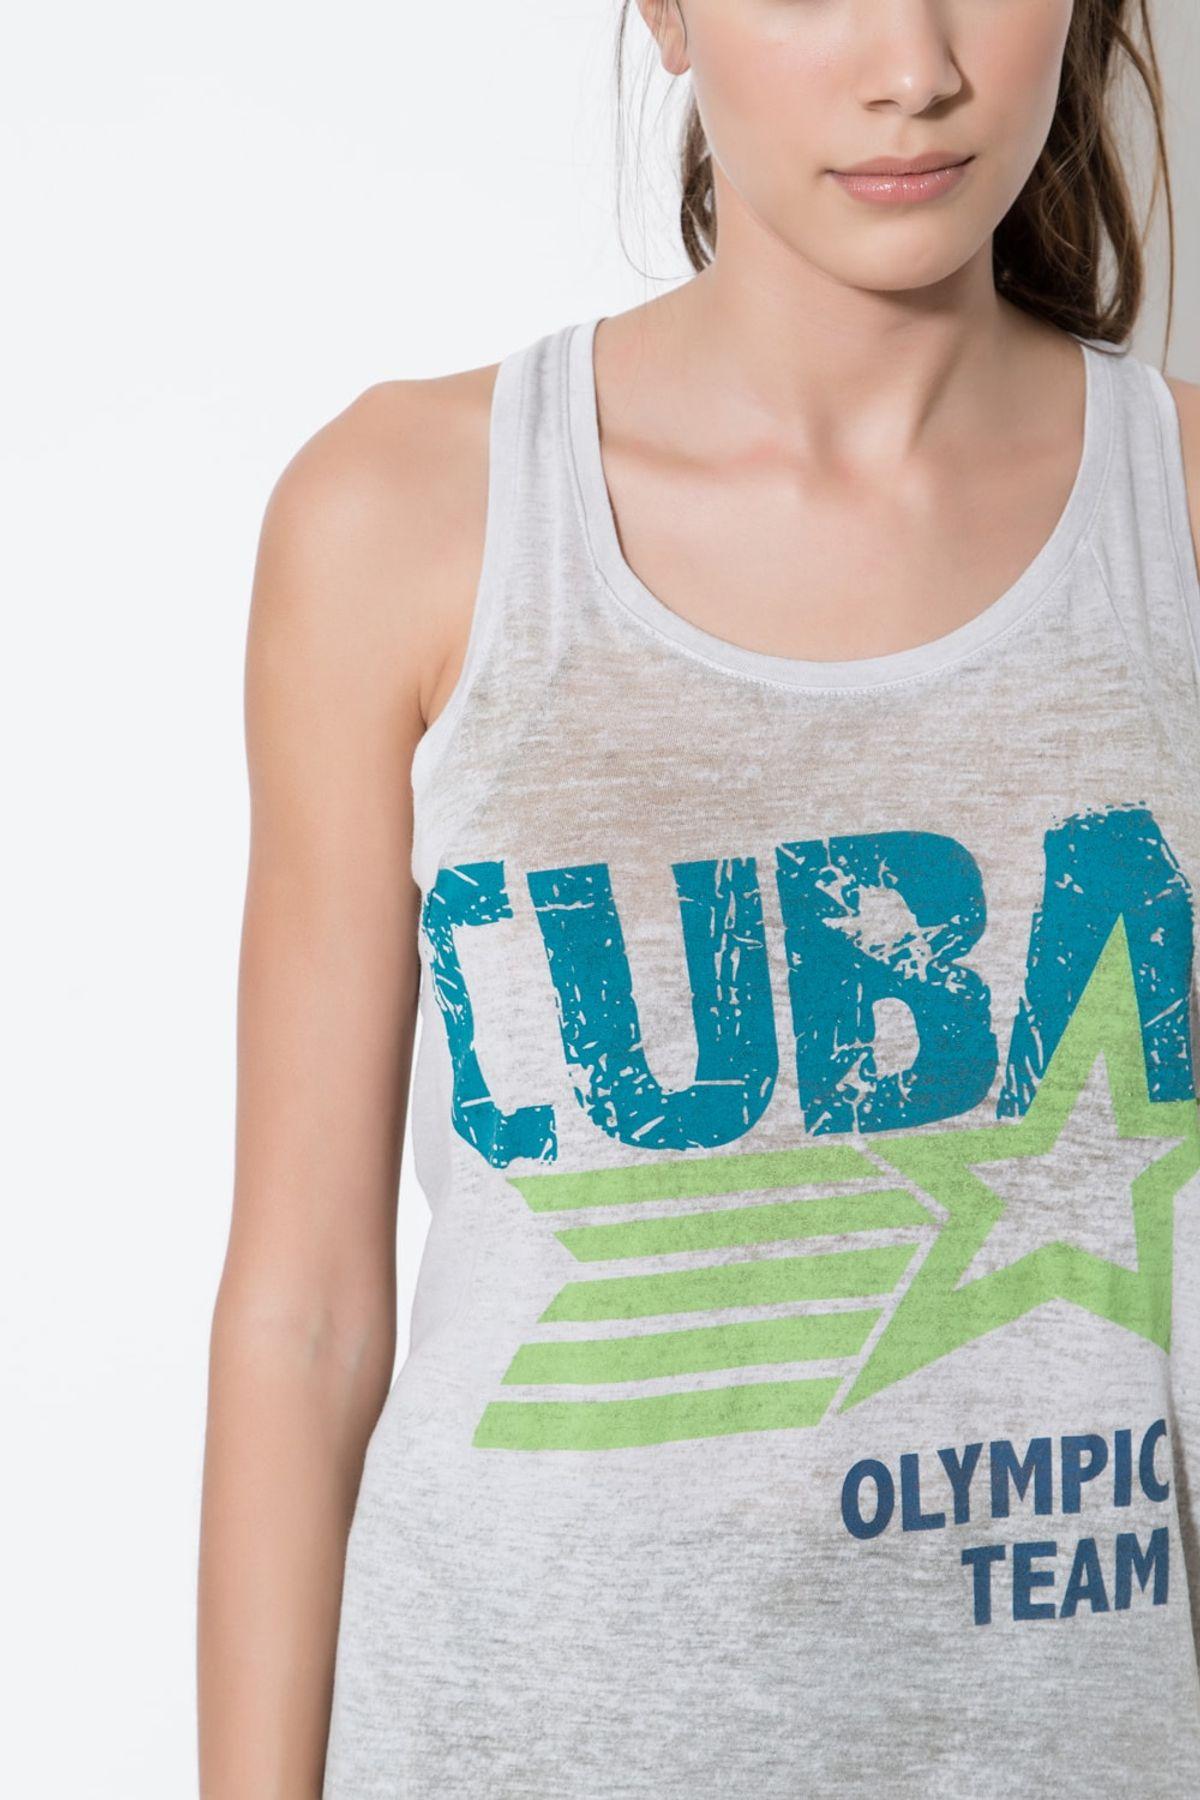 REGATA-MALHA-SILK-CUBA-OLYMPIC-TEAM-02016850-OH-BOY